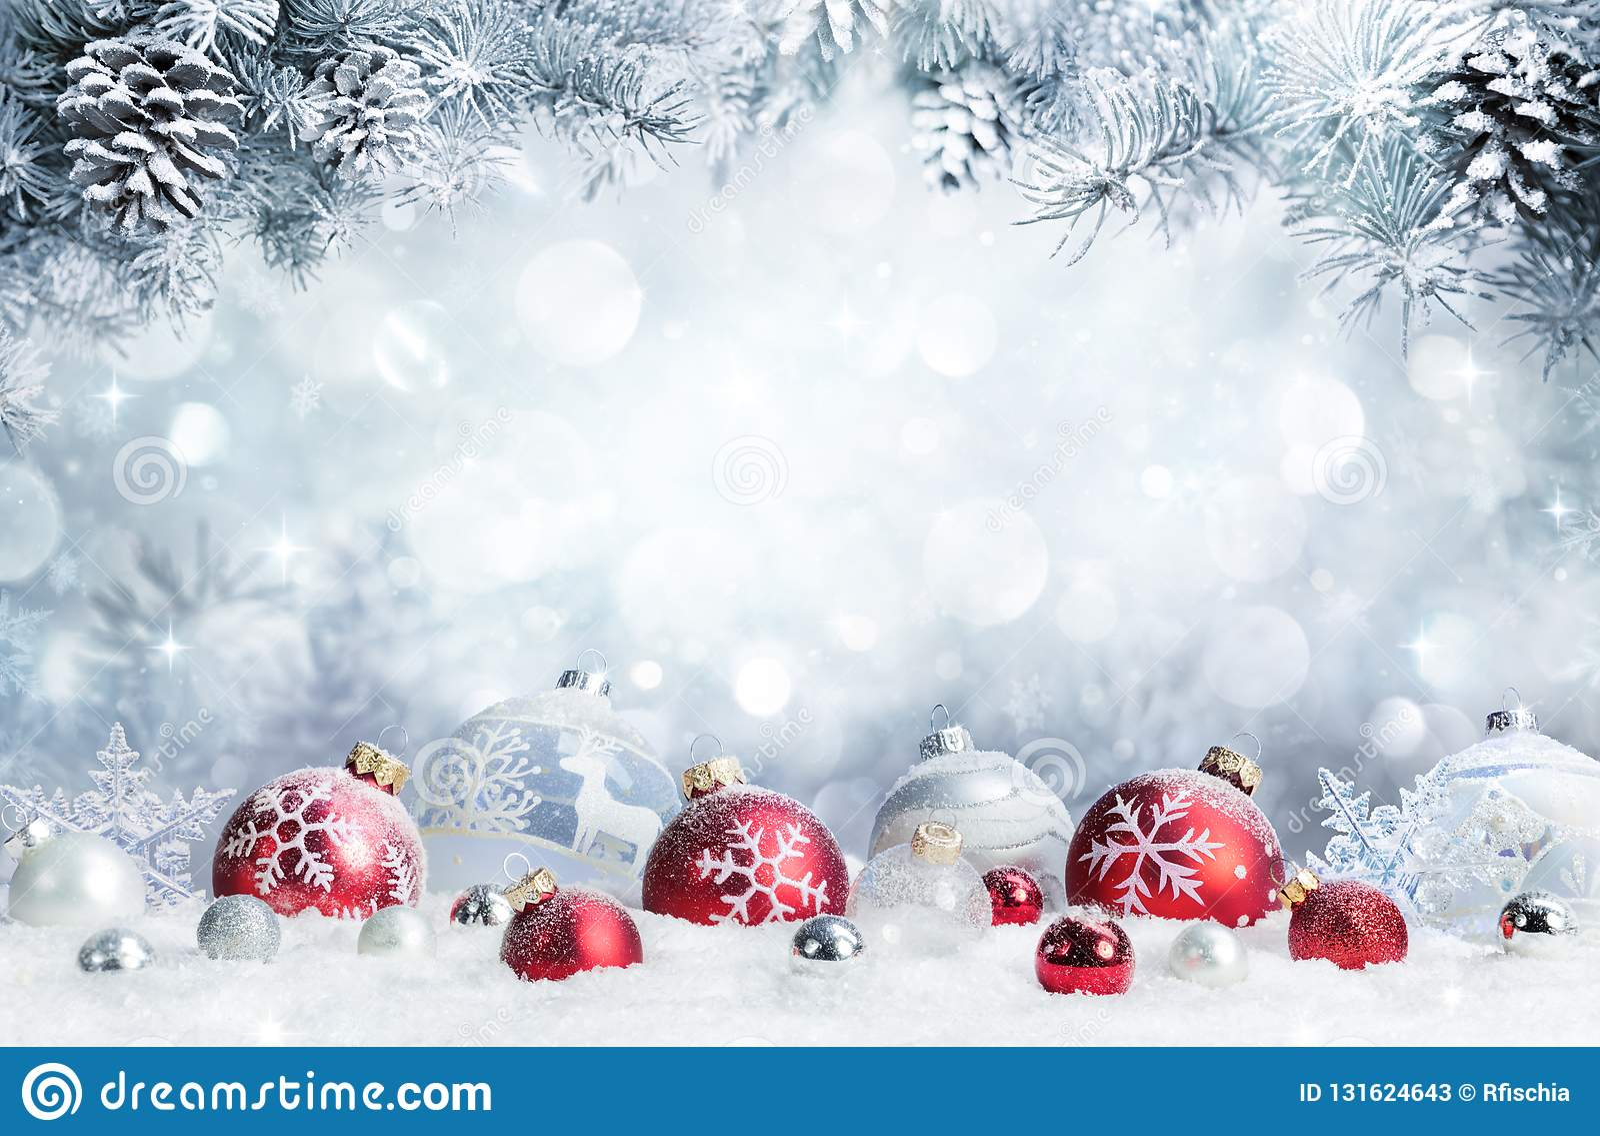 frohe weihnachten flitter auf schnee stockbild bild. Black Bedroom Furniture Sets. Home Design Ideas